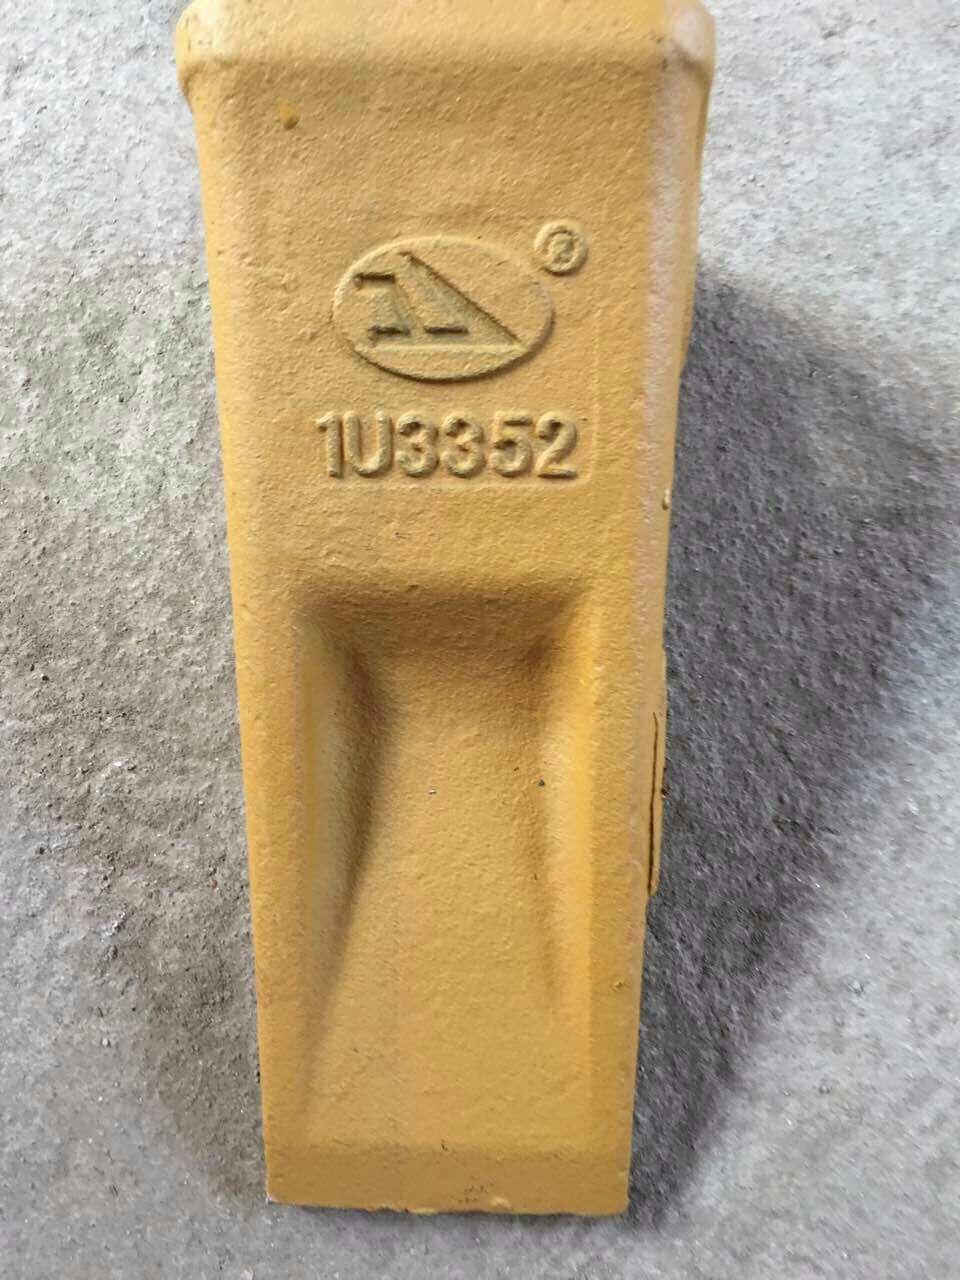 3 Top Worldwide Brands OEM Supplier For Caterpilar Excavator Bucket Teeth 1U3352